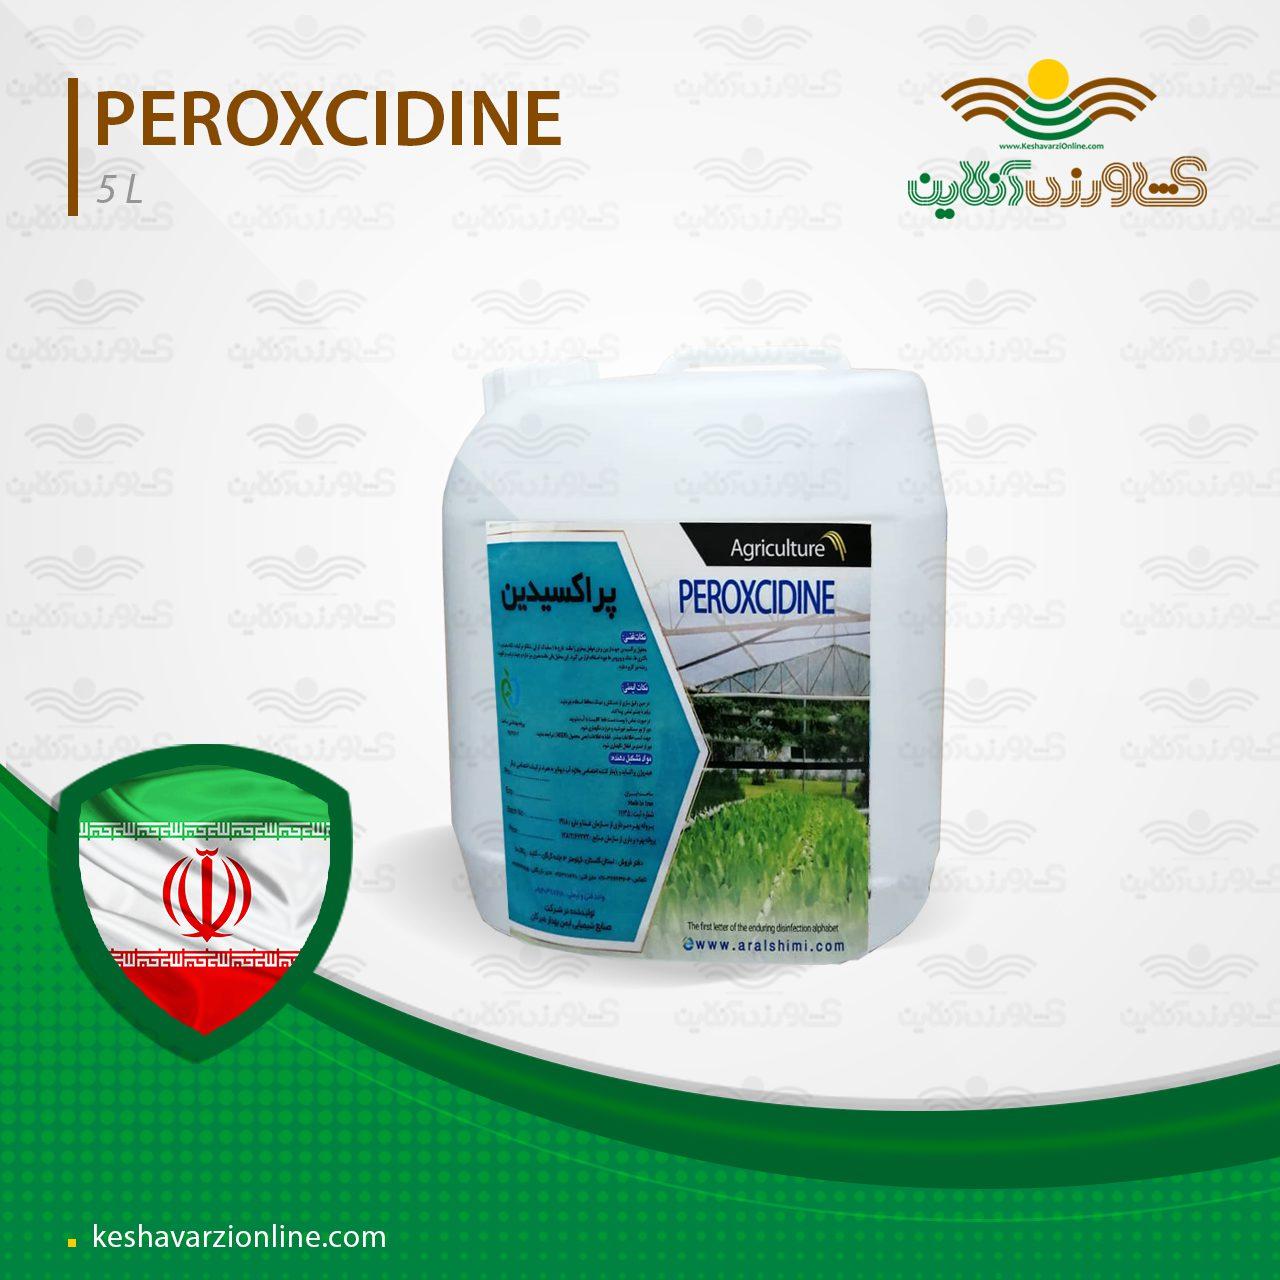 ضد عفونی کننده خاک و سیستم گلخانه با پراکسیدین پنج لیتری